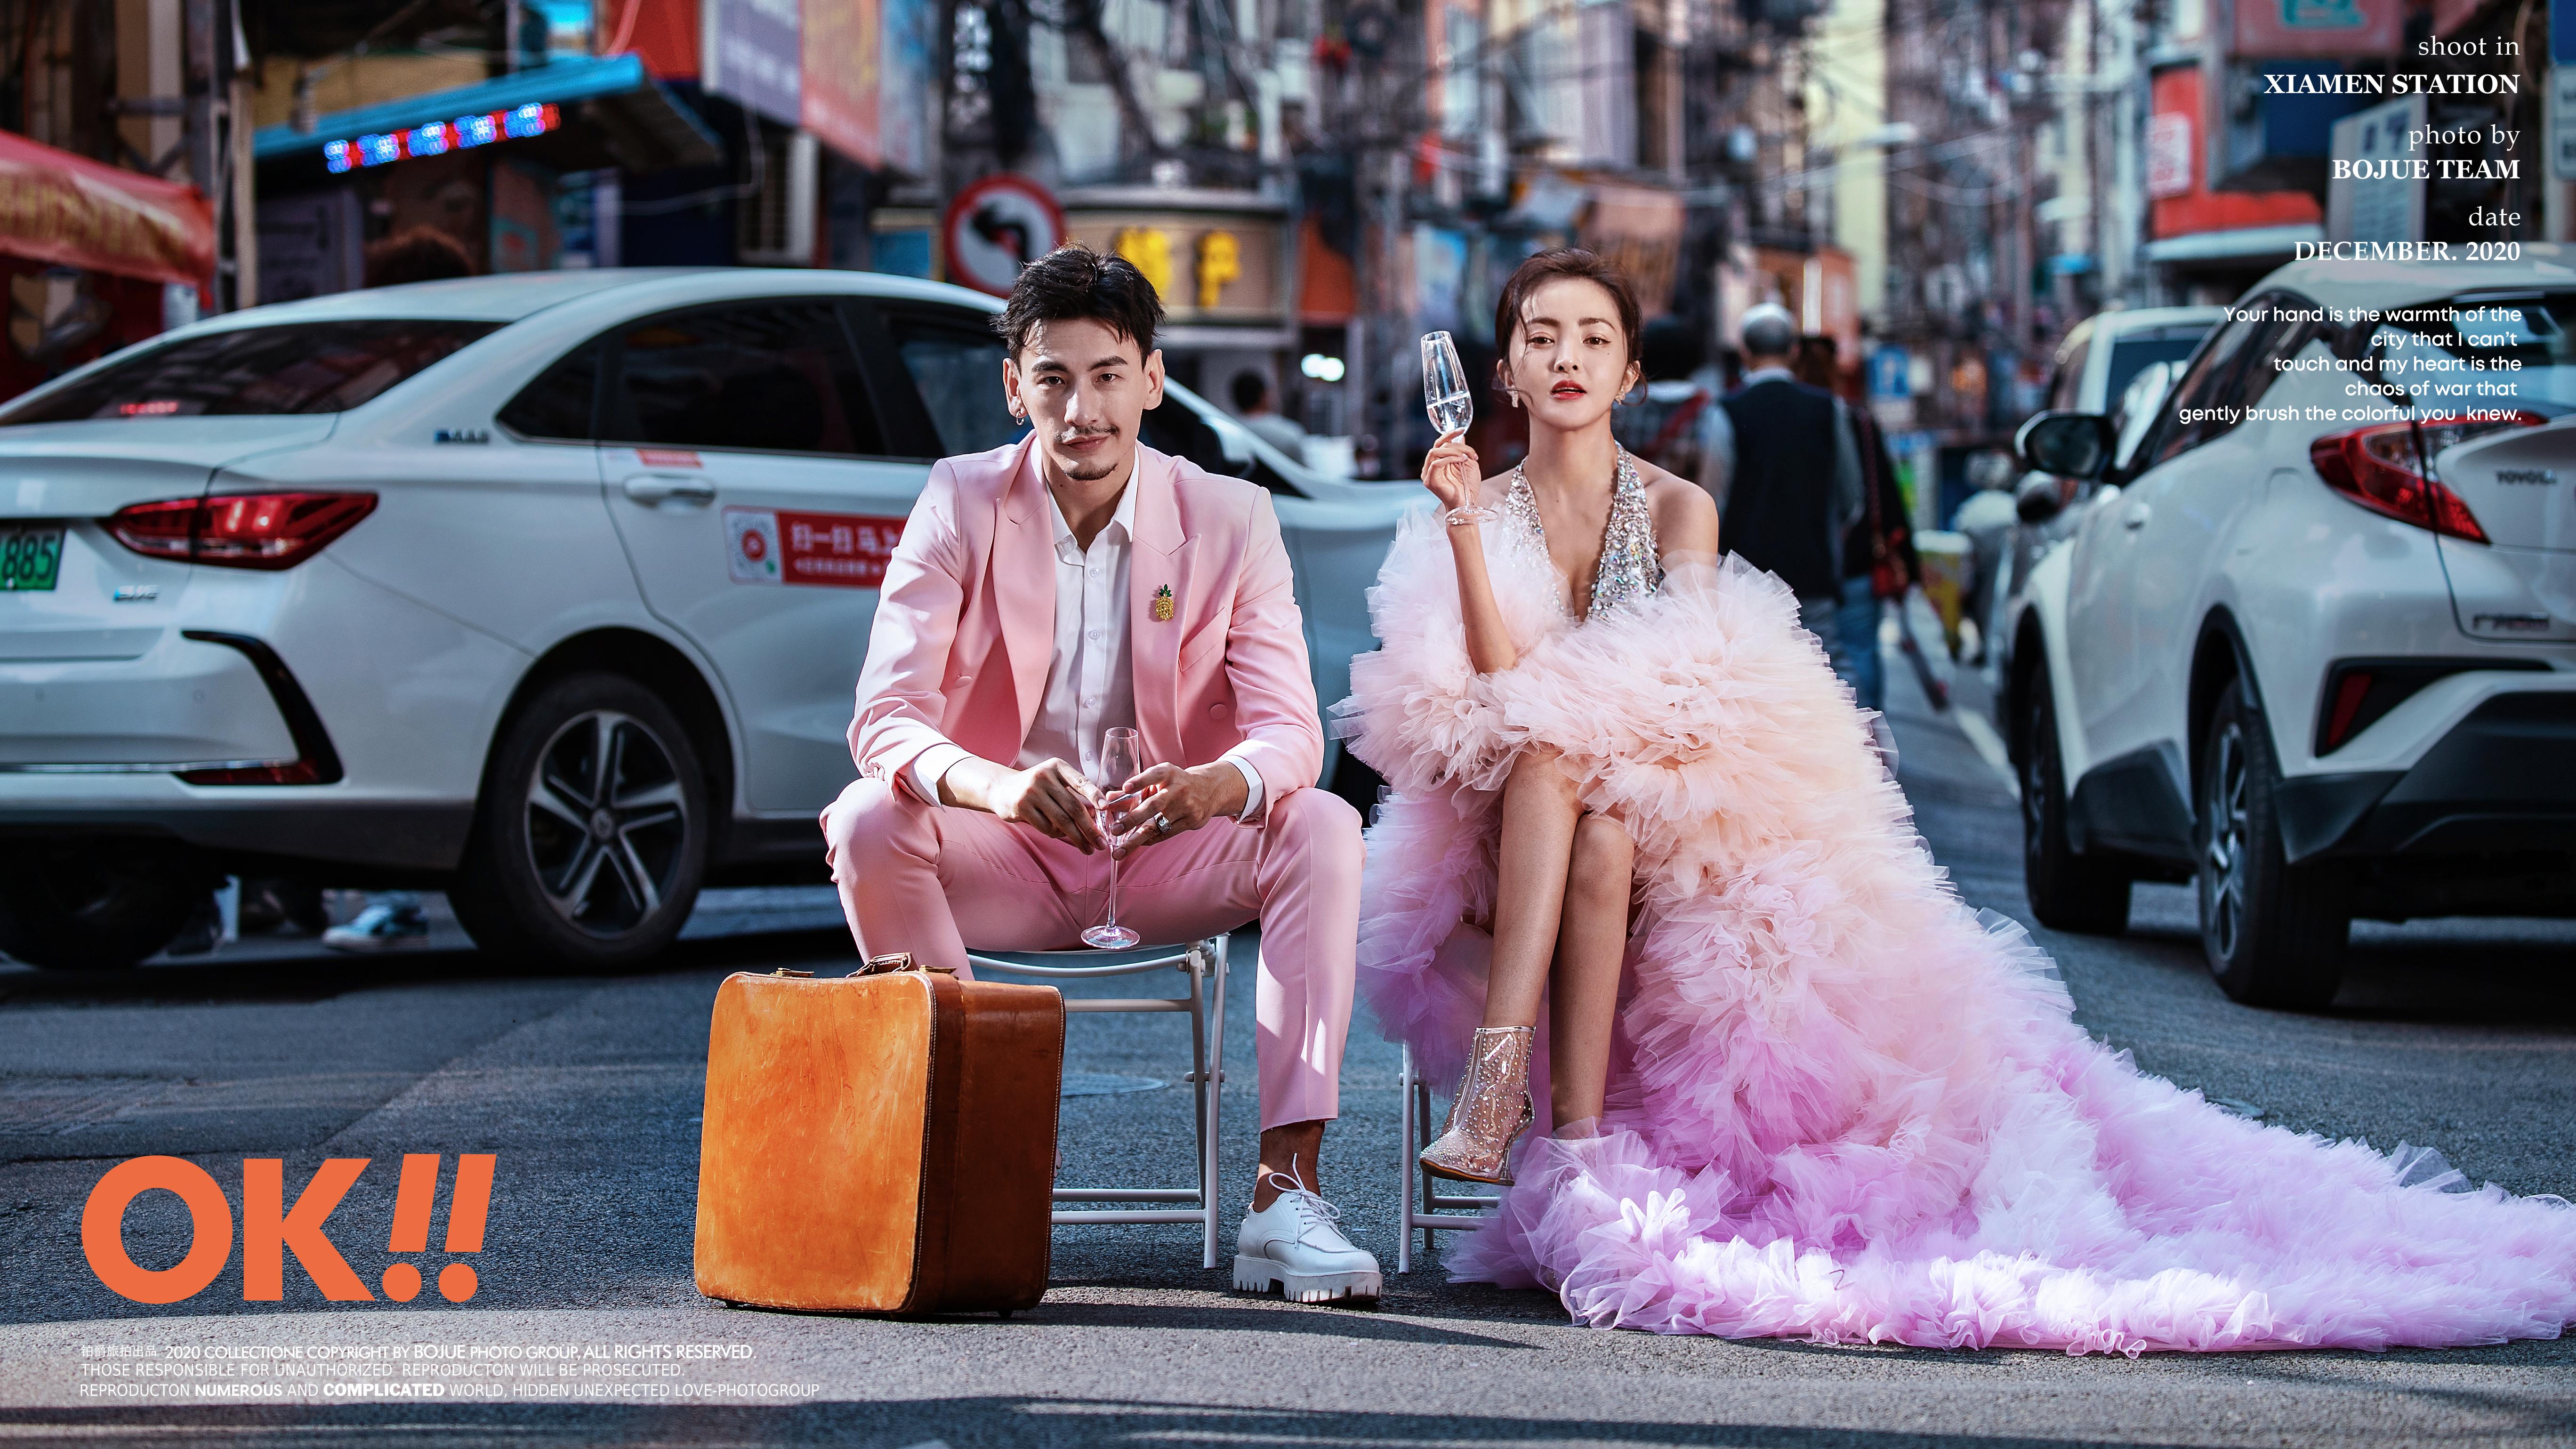 厦门旅拍婚纱照选择哪个季节好 厦门婚纱照拍摄时间攻略分享